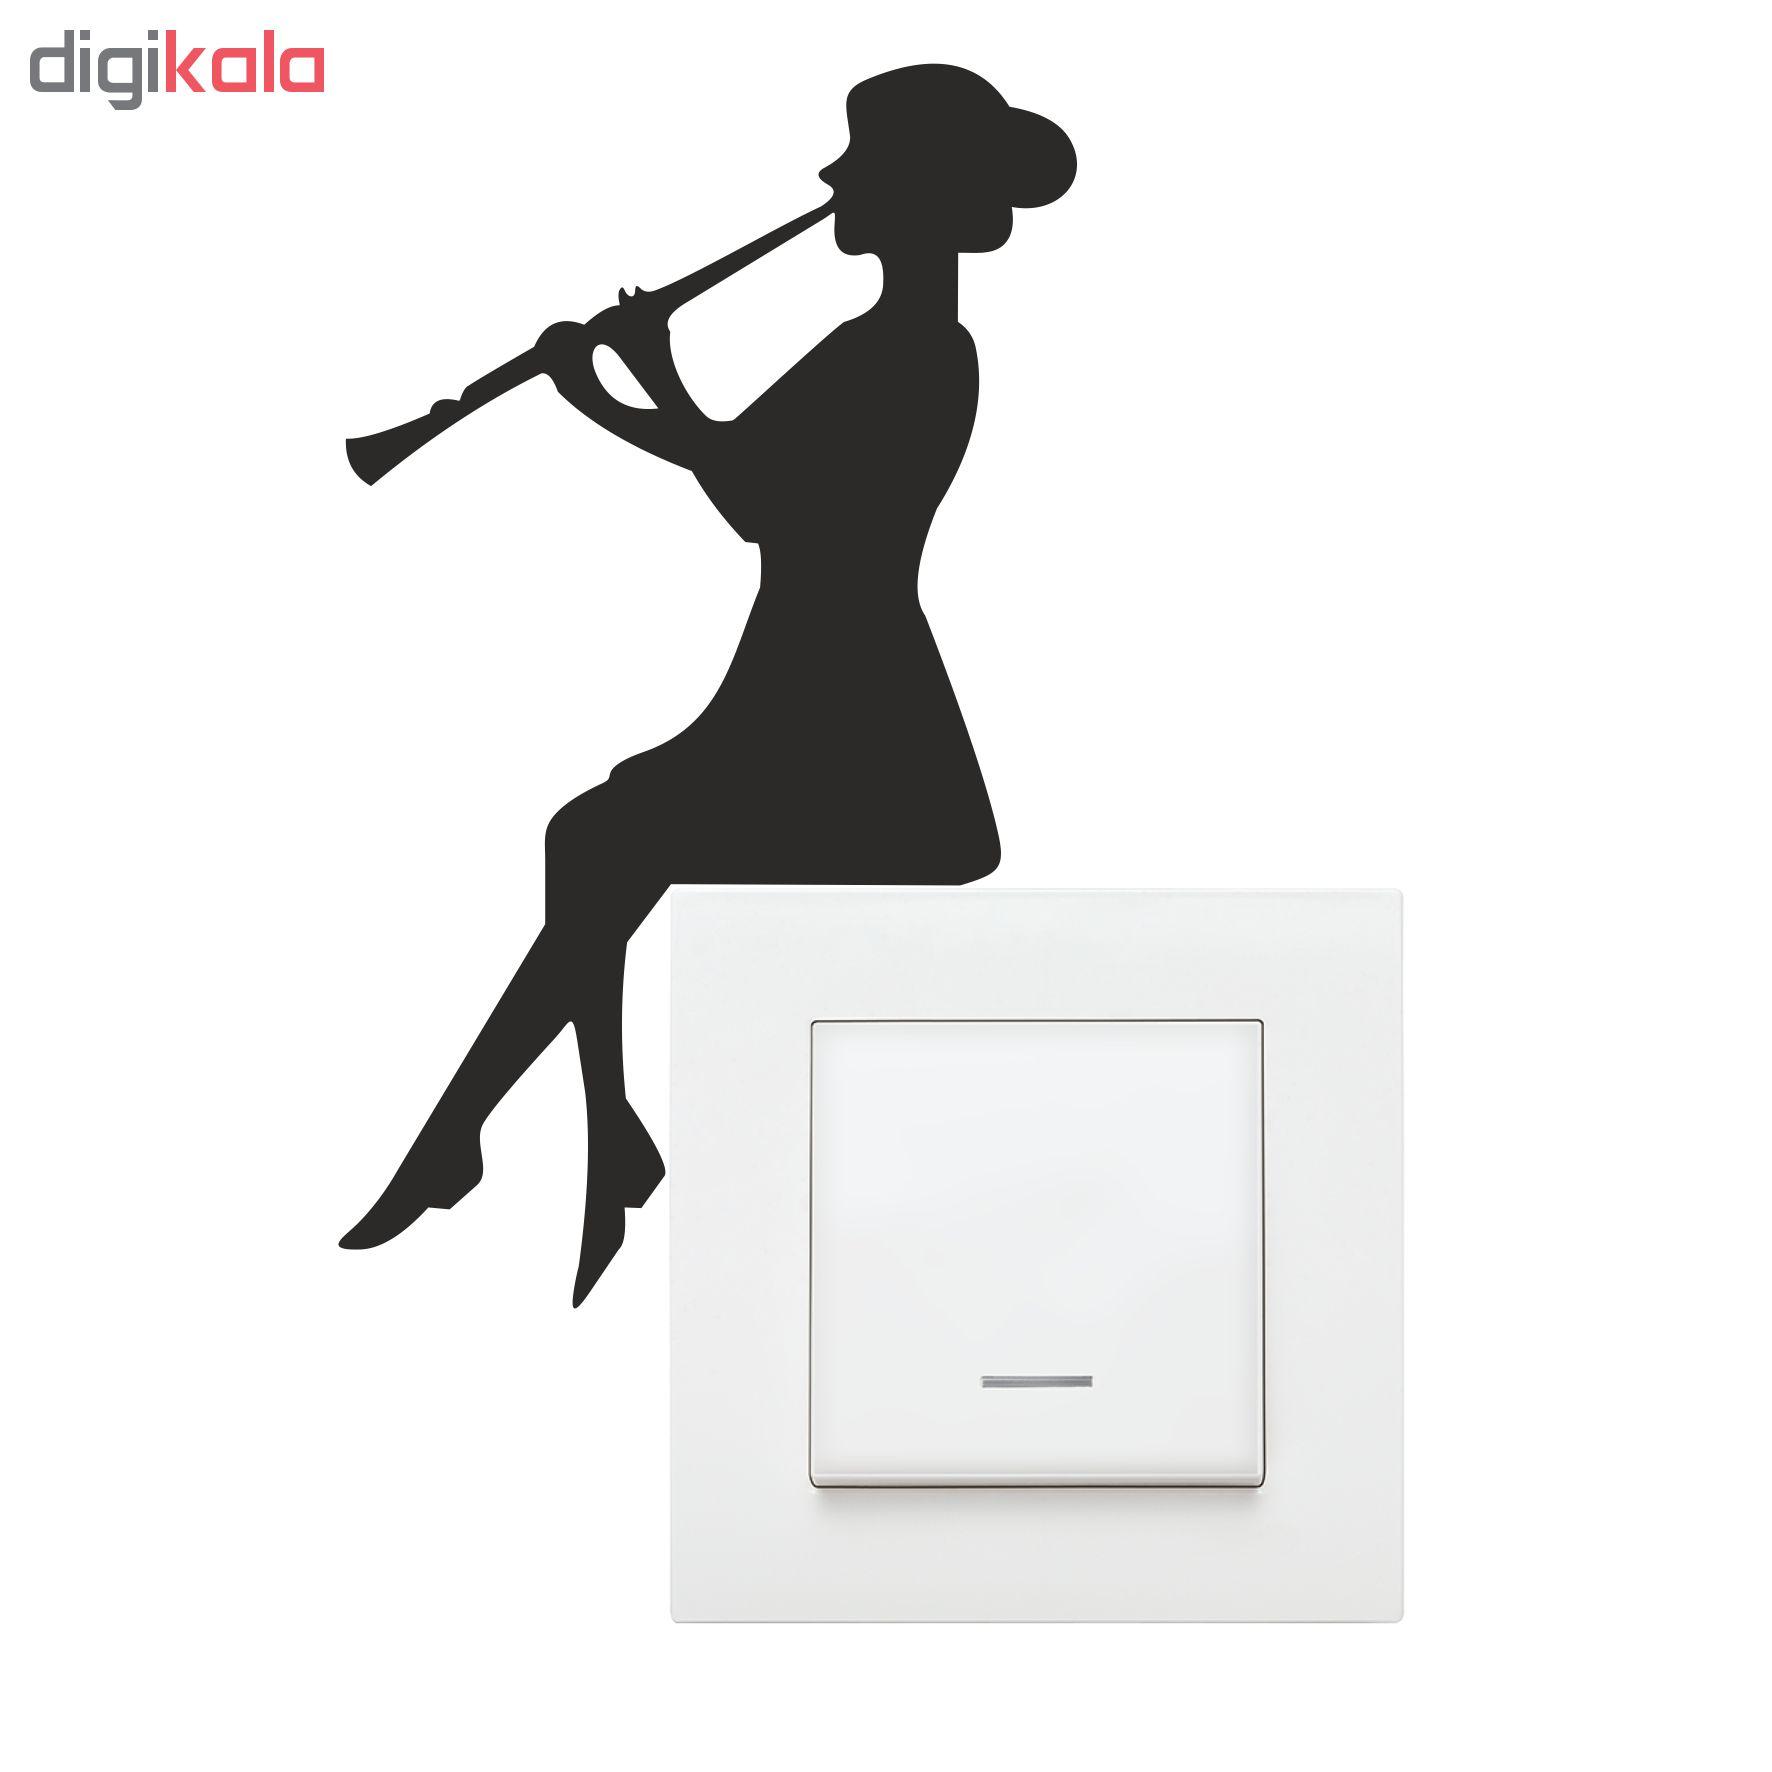 استیکر فراگراف کلید و پریز چاپ پارسیان طرح دخترک نوازنده کلارینت بسته دو عددی